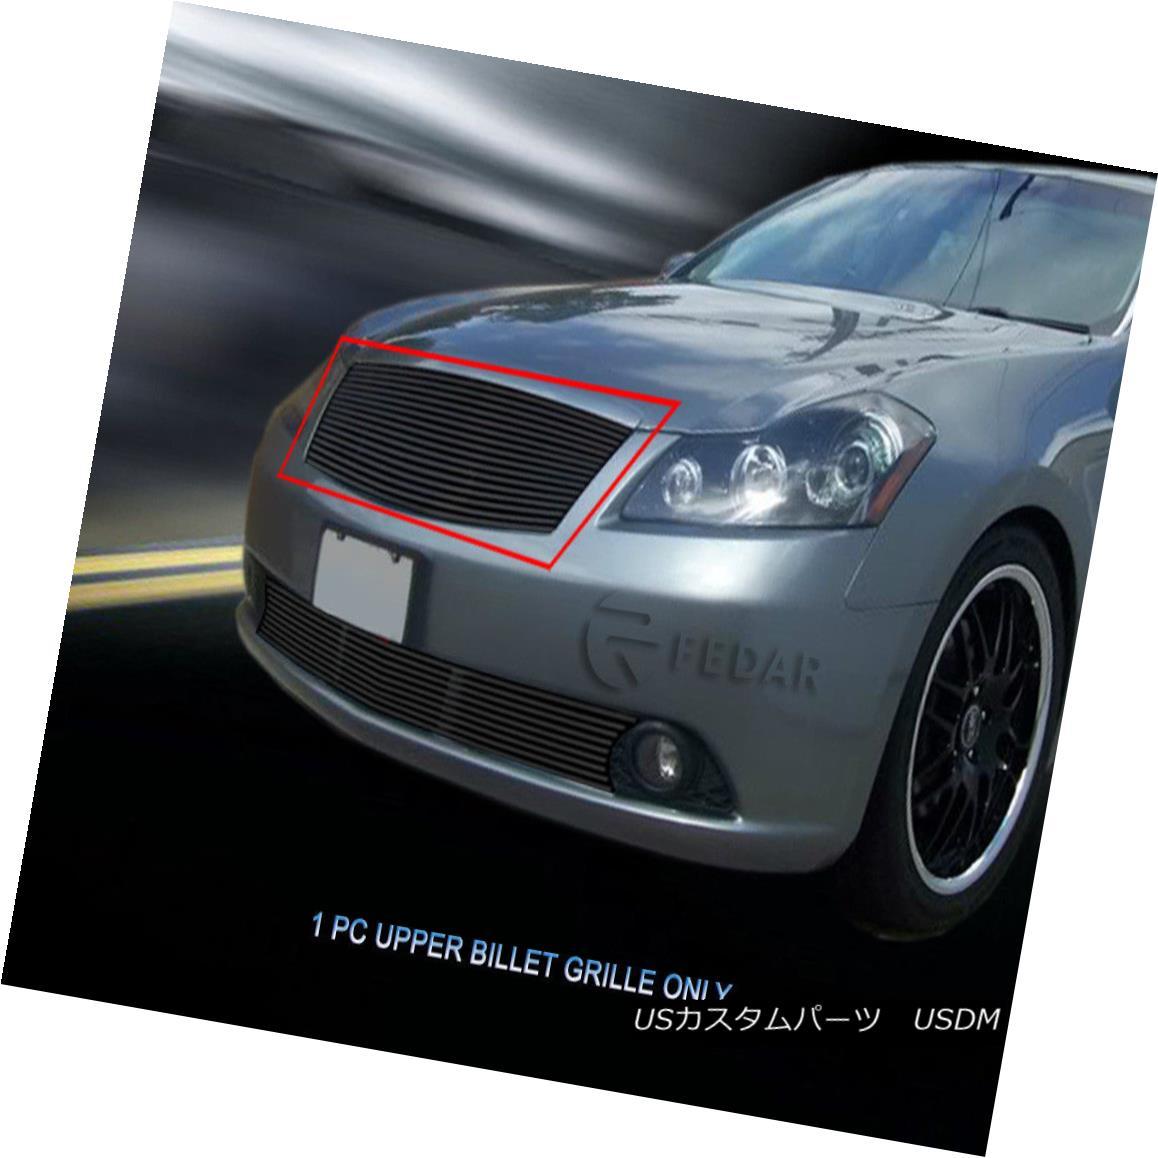 グリル Fits 05~07 Infiniti M35 Sedan Black Billet Grille Grill Upper Insert Fedar フィット05?07インフィニティM35セダンブラックビレットグリルグリルアッパーインサートフェルダー